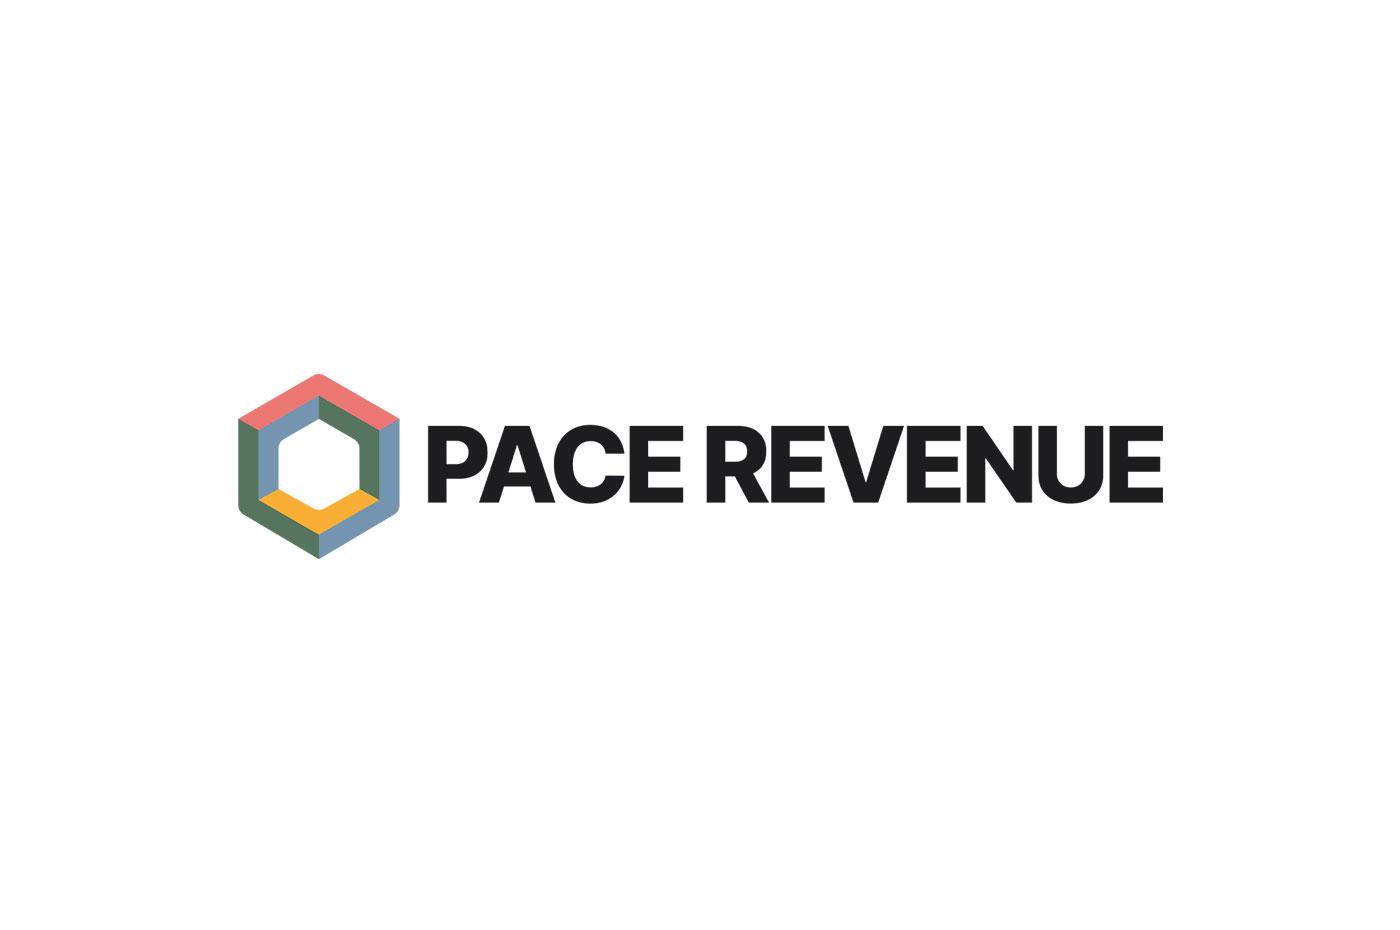 Pace Revenue